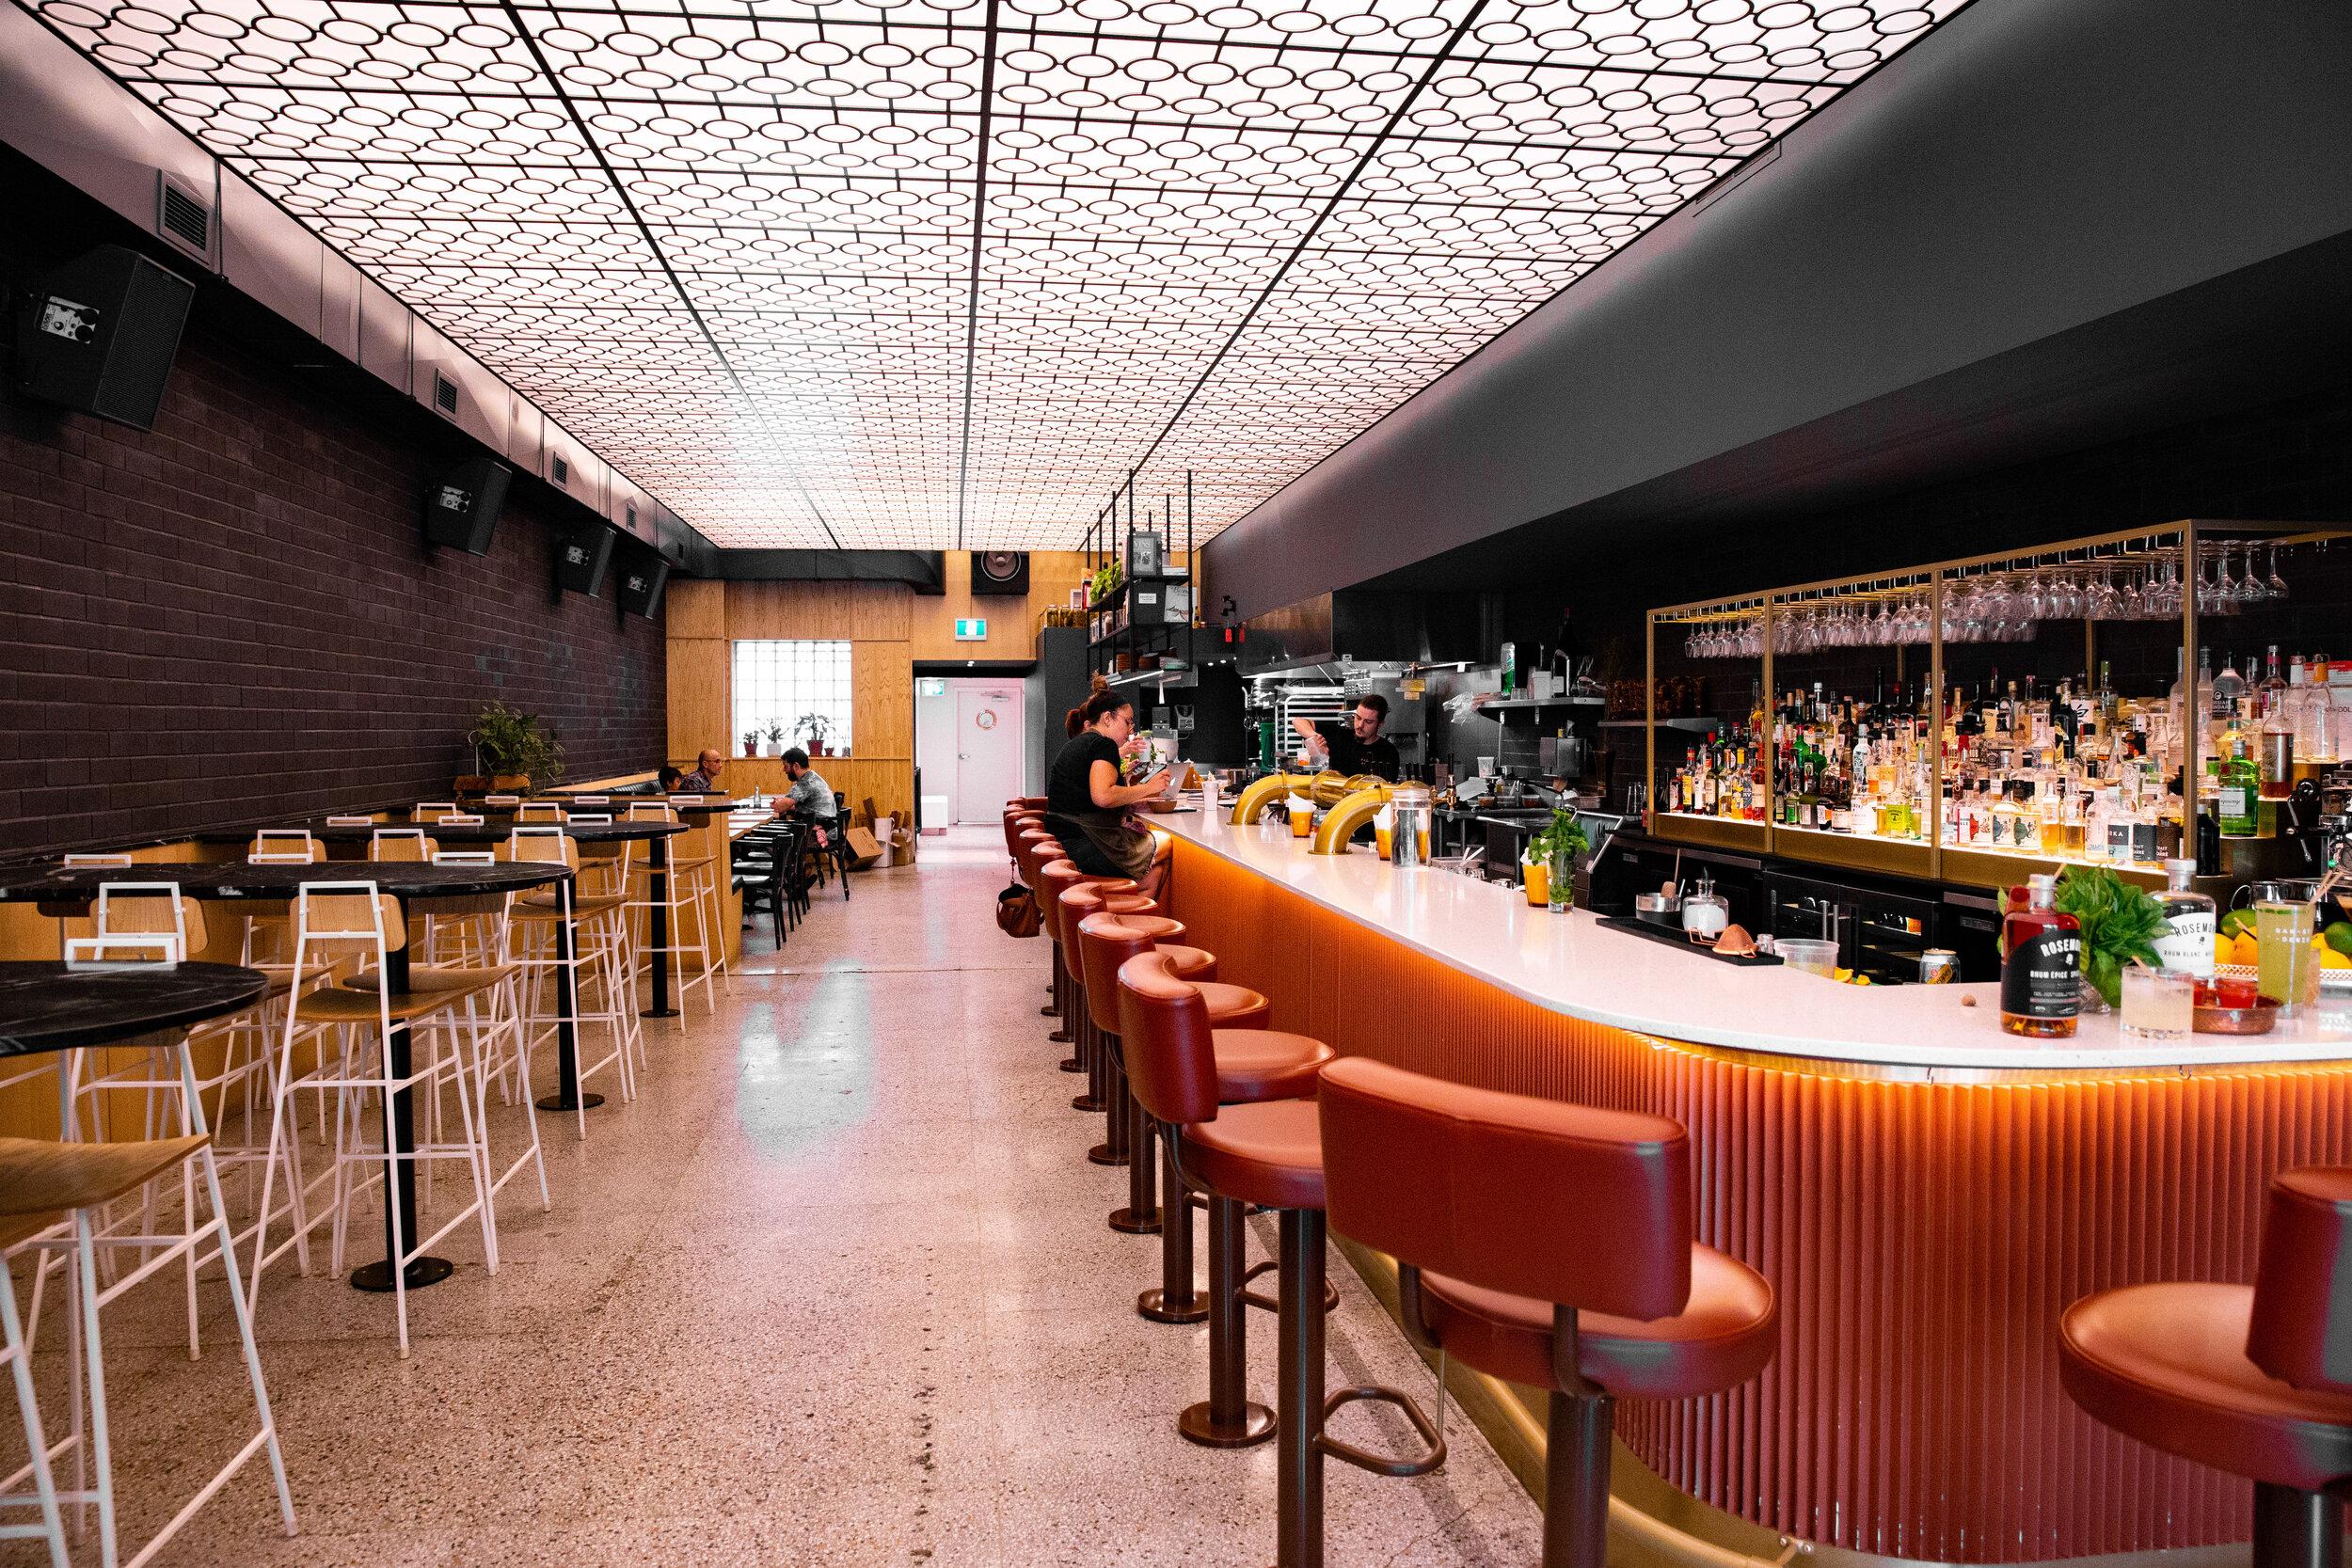 Bar St-Denis - Les cocktails en vedettes ont été crées en collaboration avec le Bar St-Denis.6966 rue St-Denis, MontréalH2S 2S4